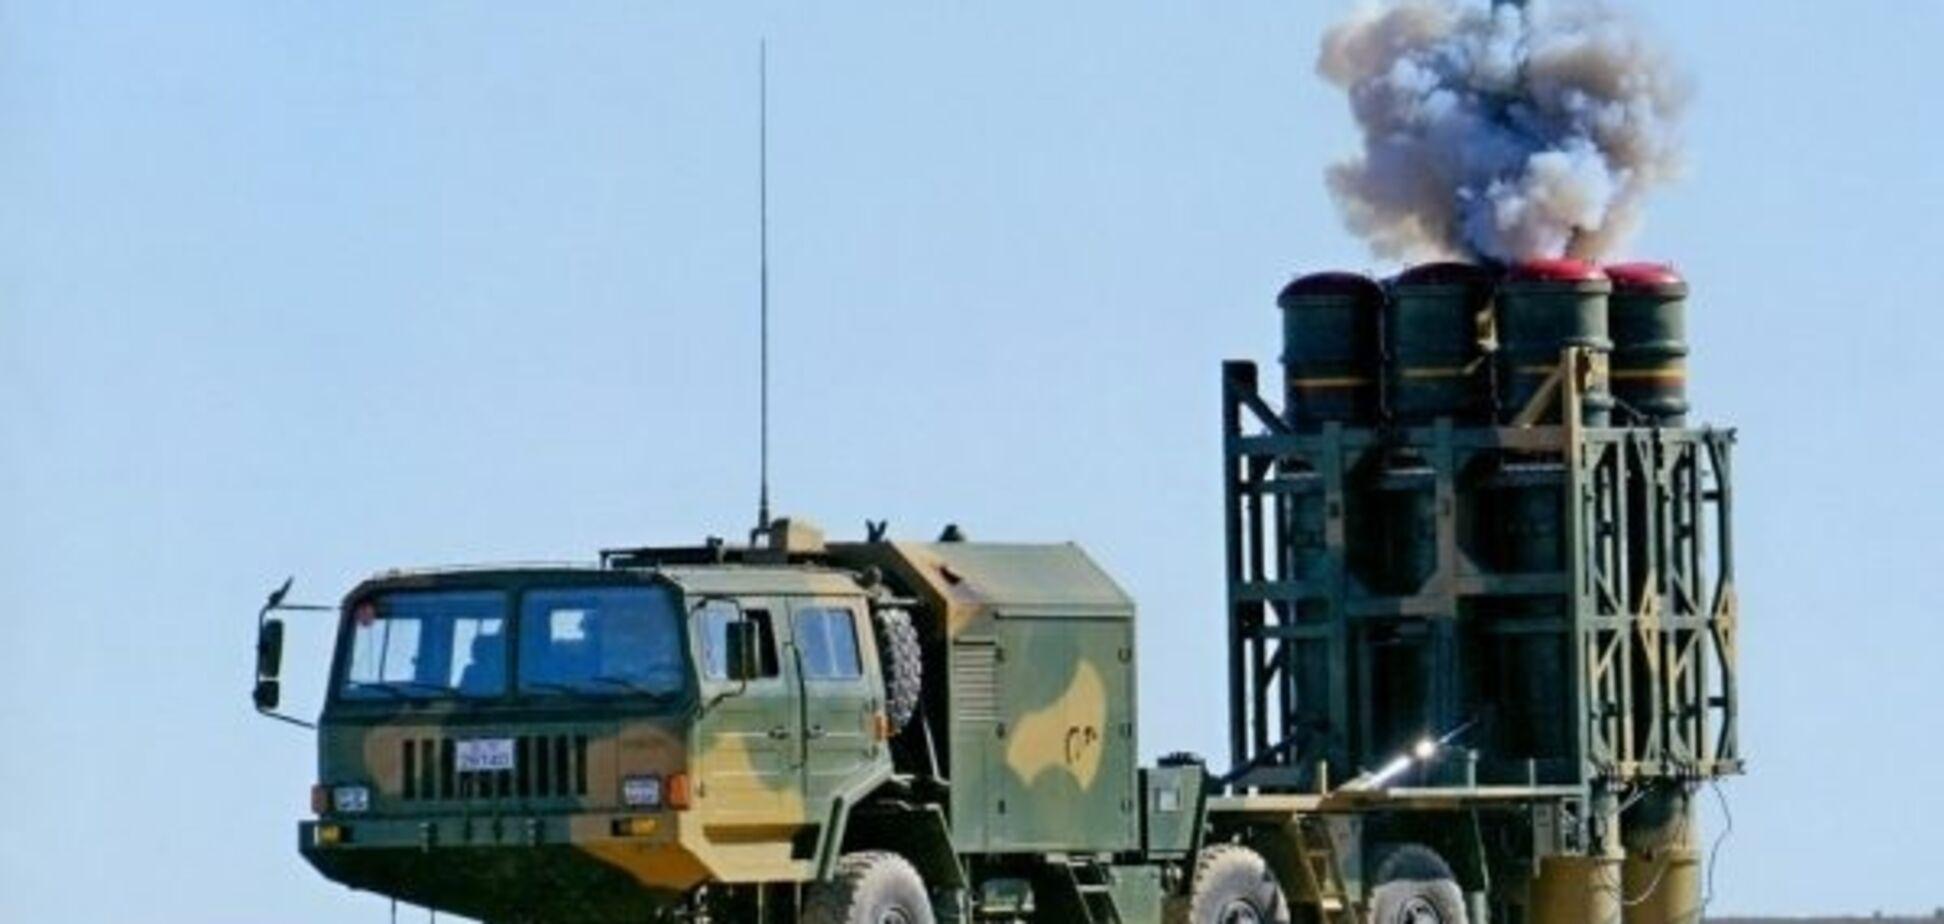 Хвалена зброя Росії: з'ясувалася небезпека ударів по Україні